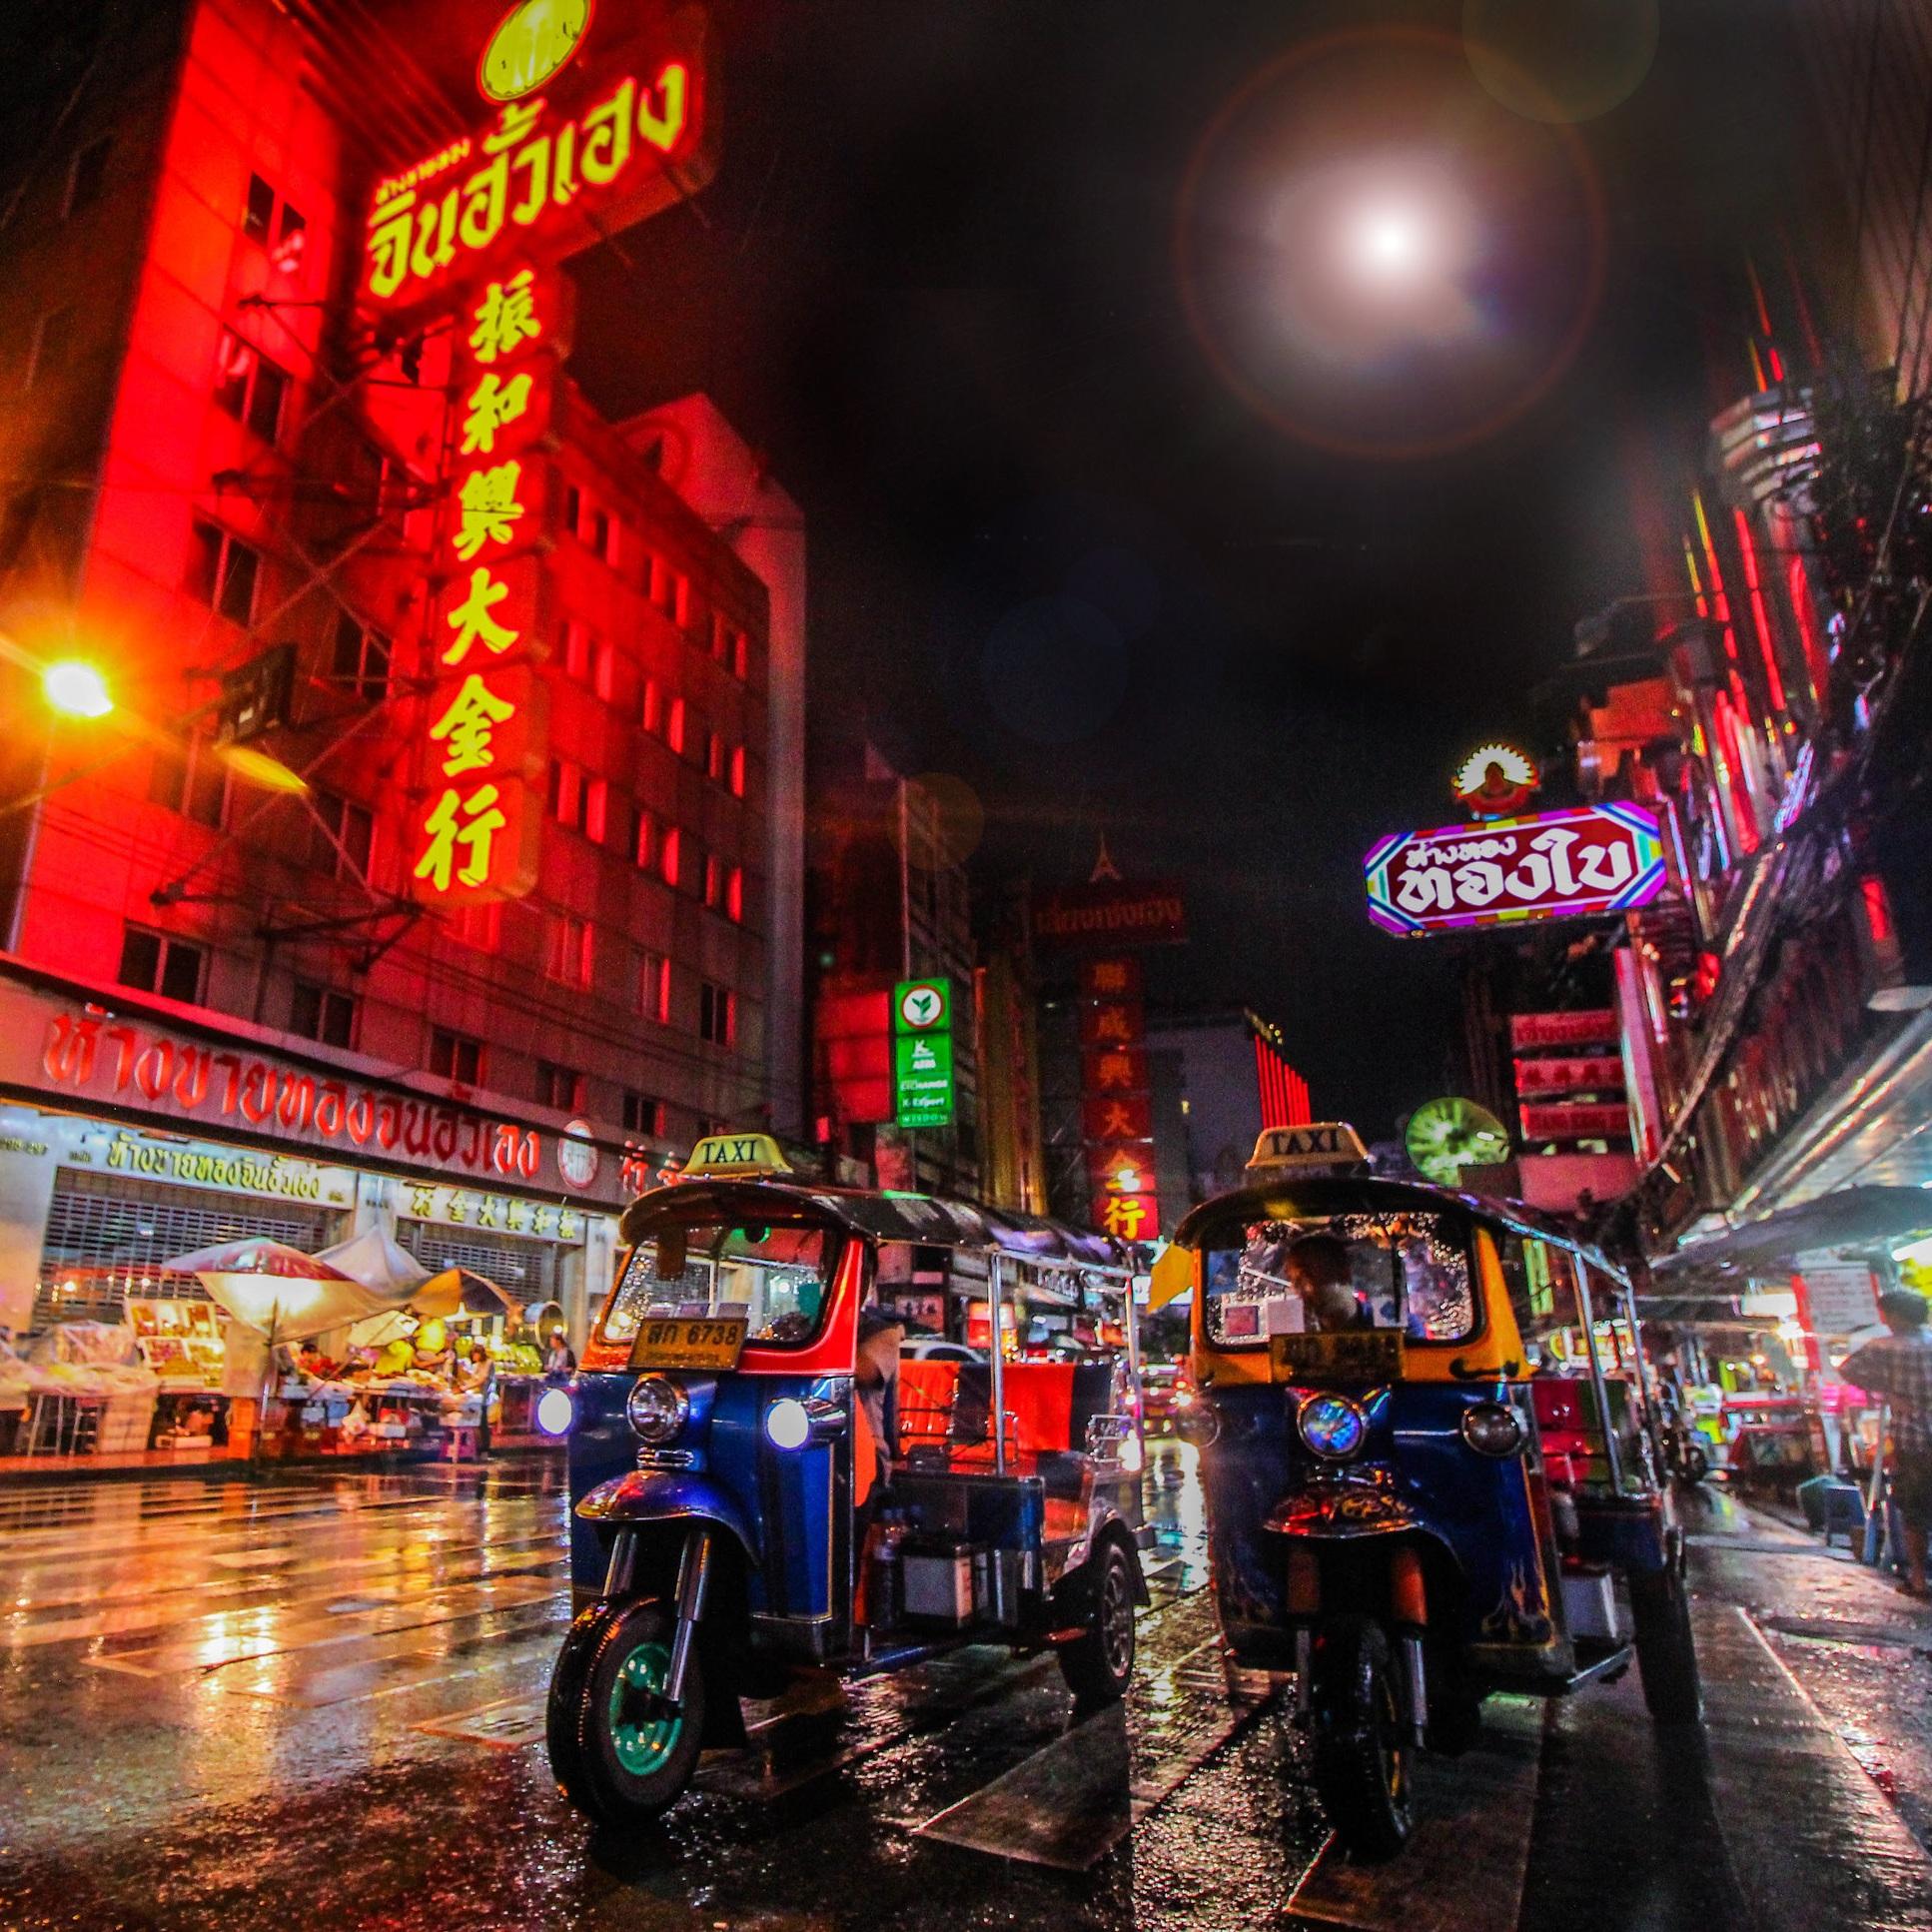 MAY 28, 2019 BANGKOK - US IMMIGRATION SEMINAR